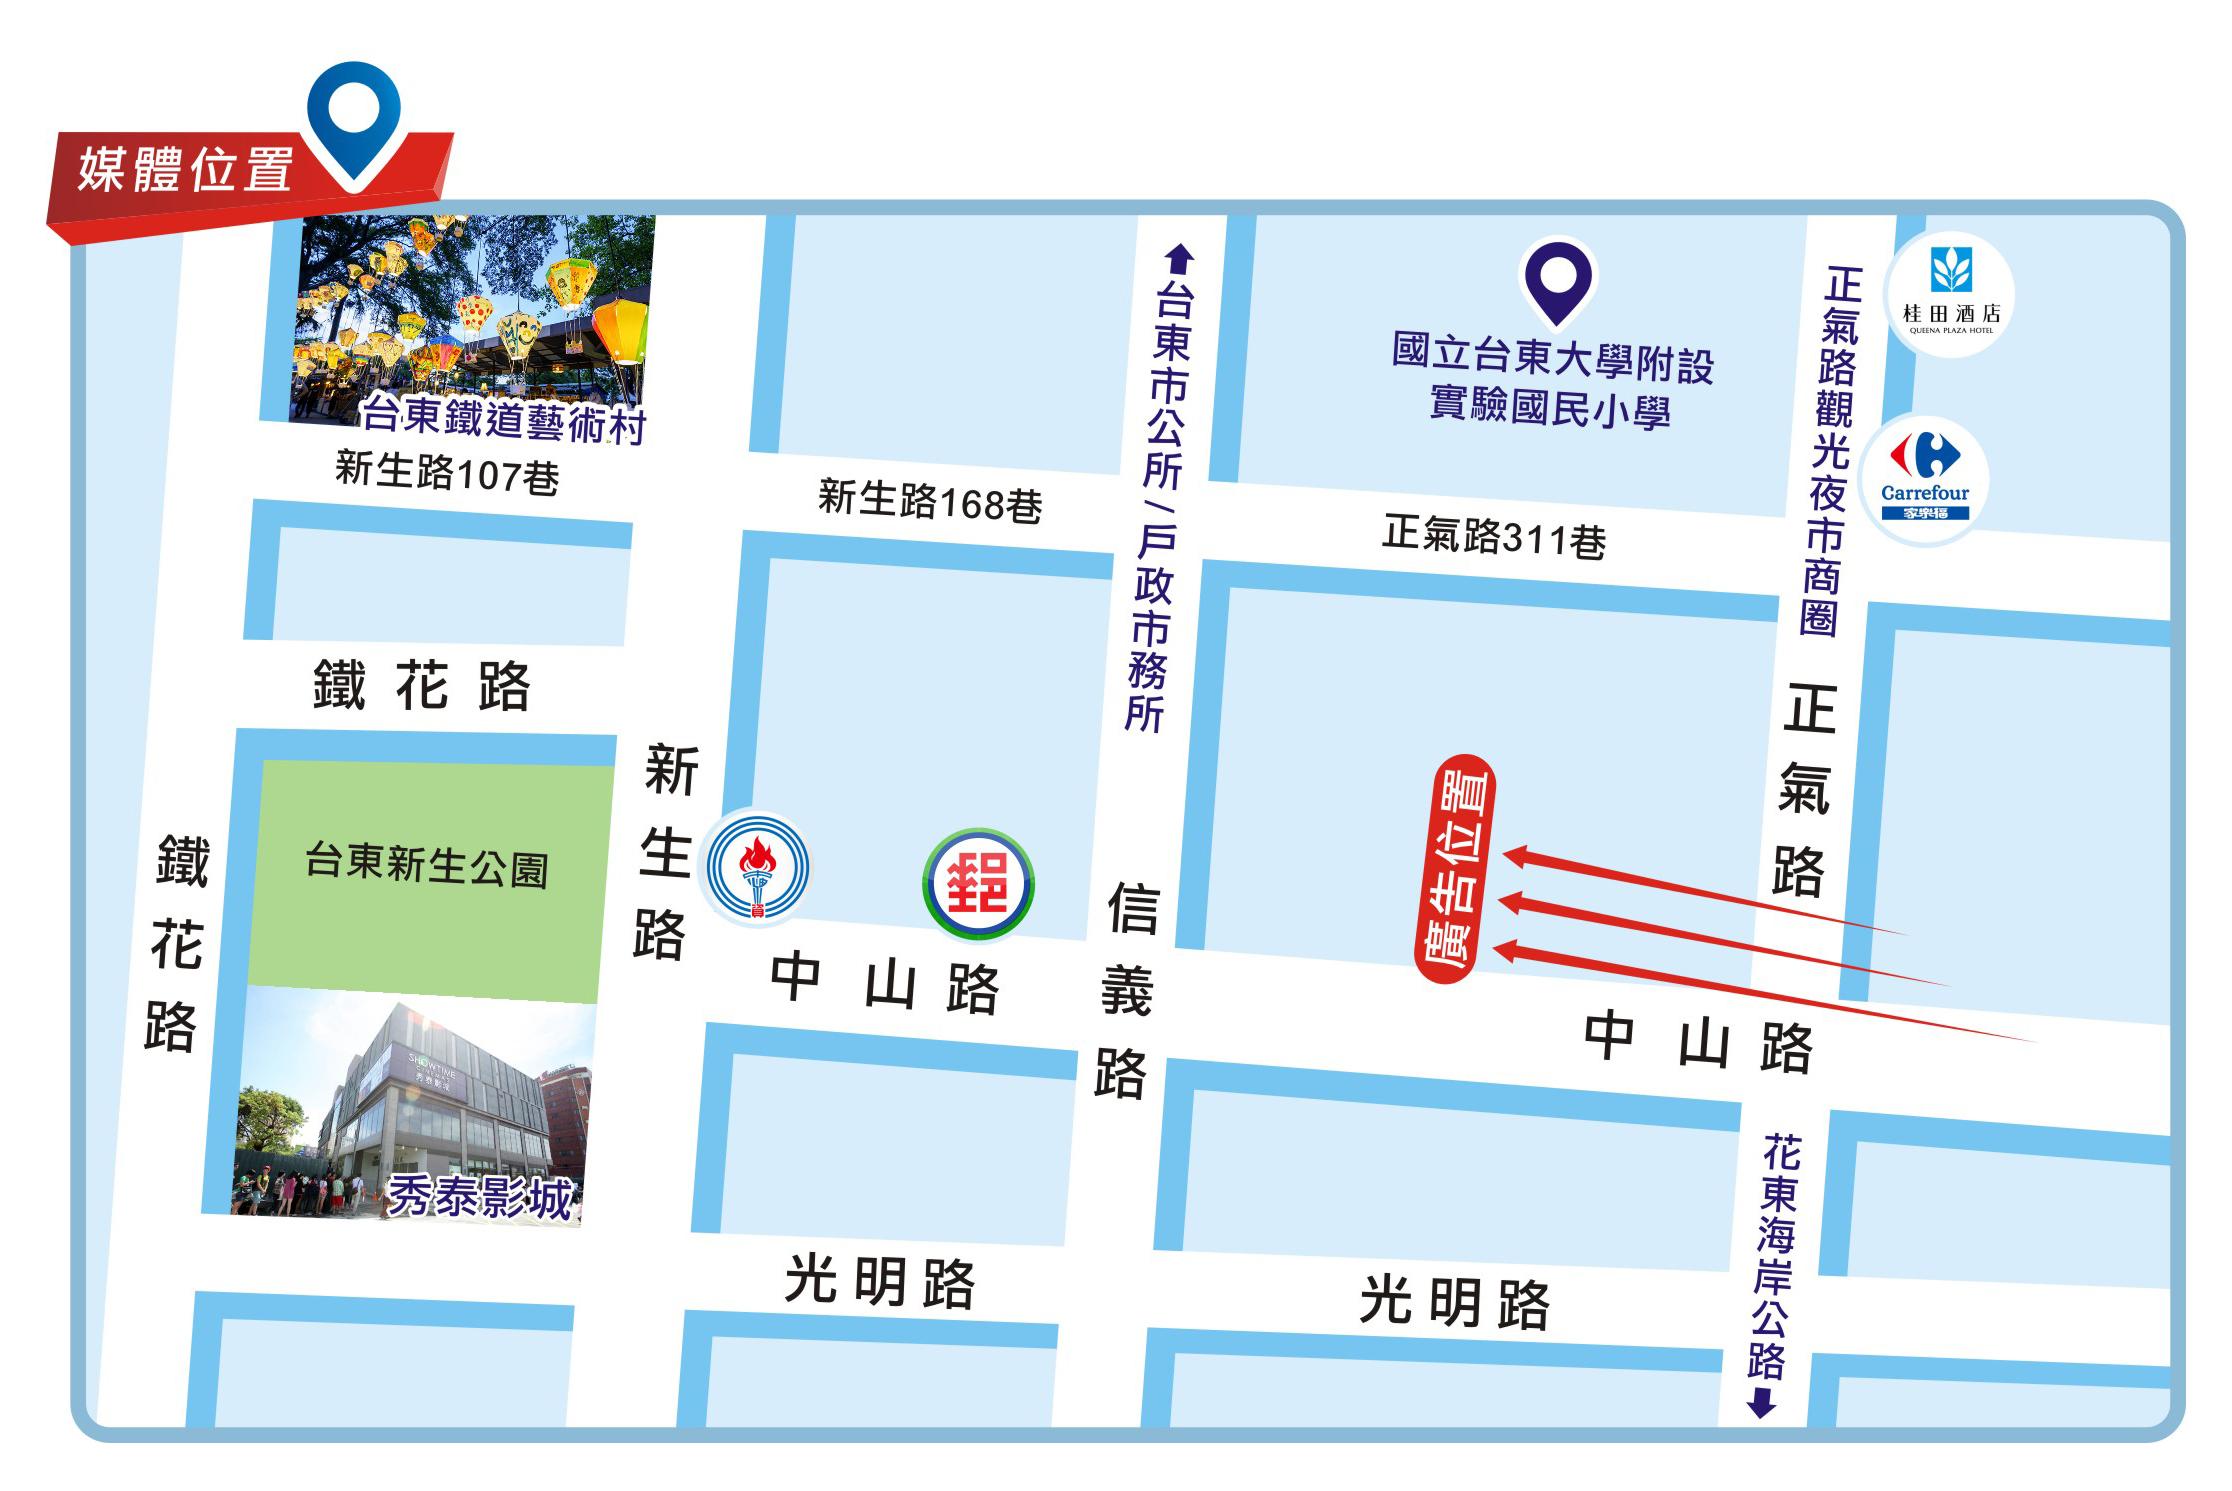 S-0006-台東市中山路、鐵道藝術村、秀泰影城